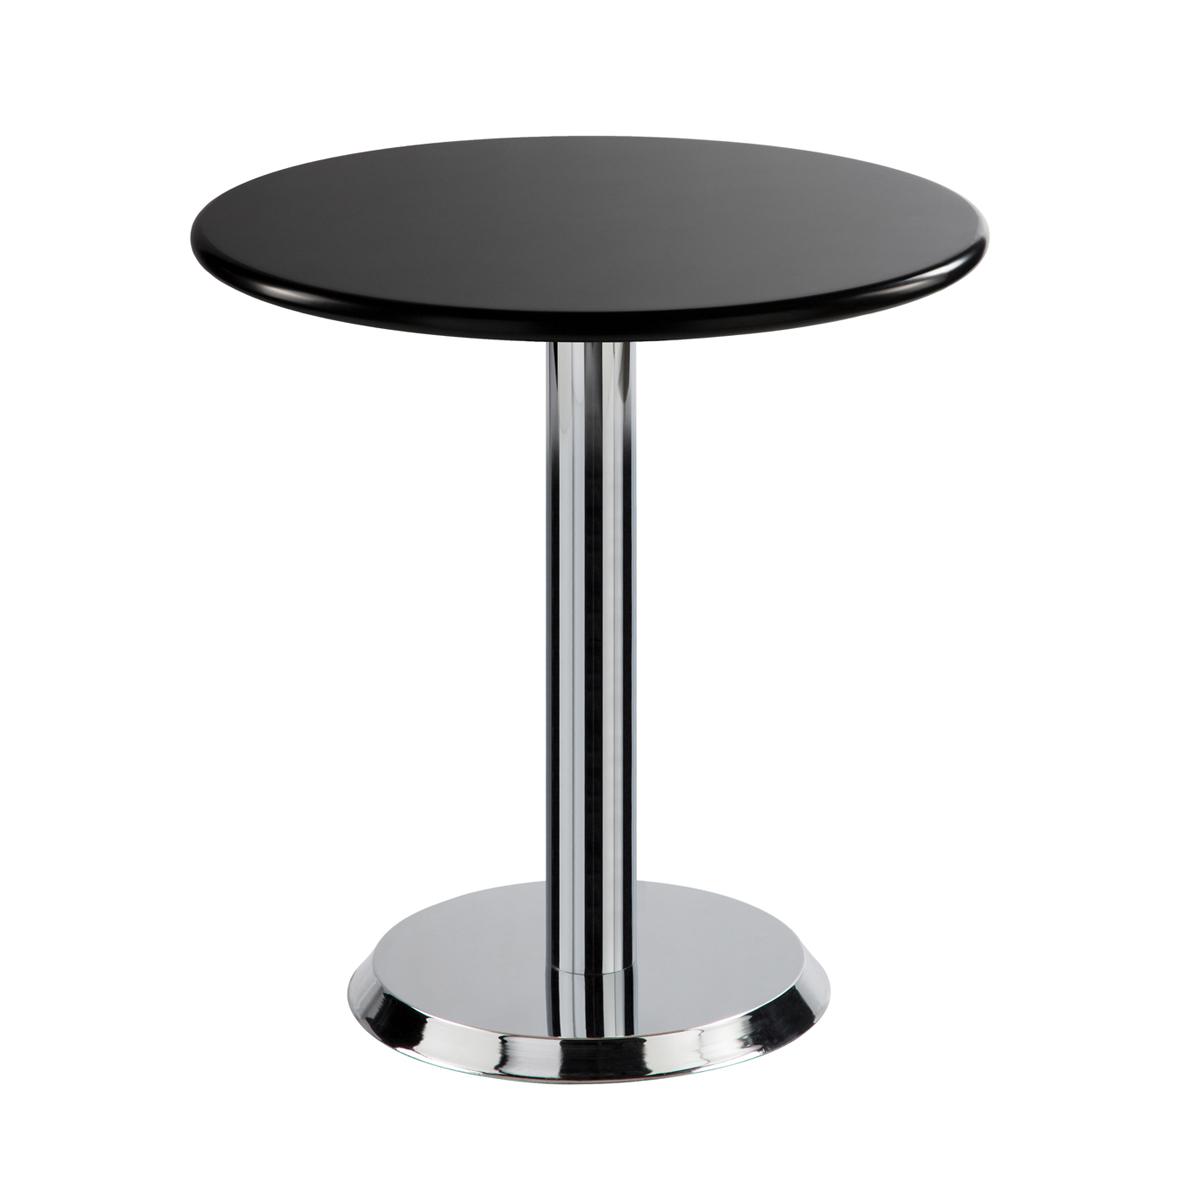 Sitztisch Kalender, rund, schwarz